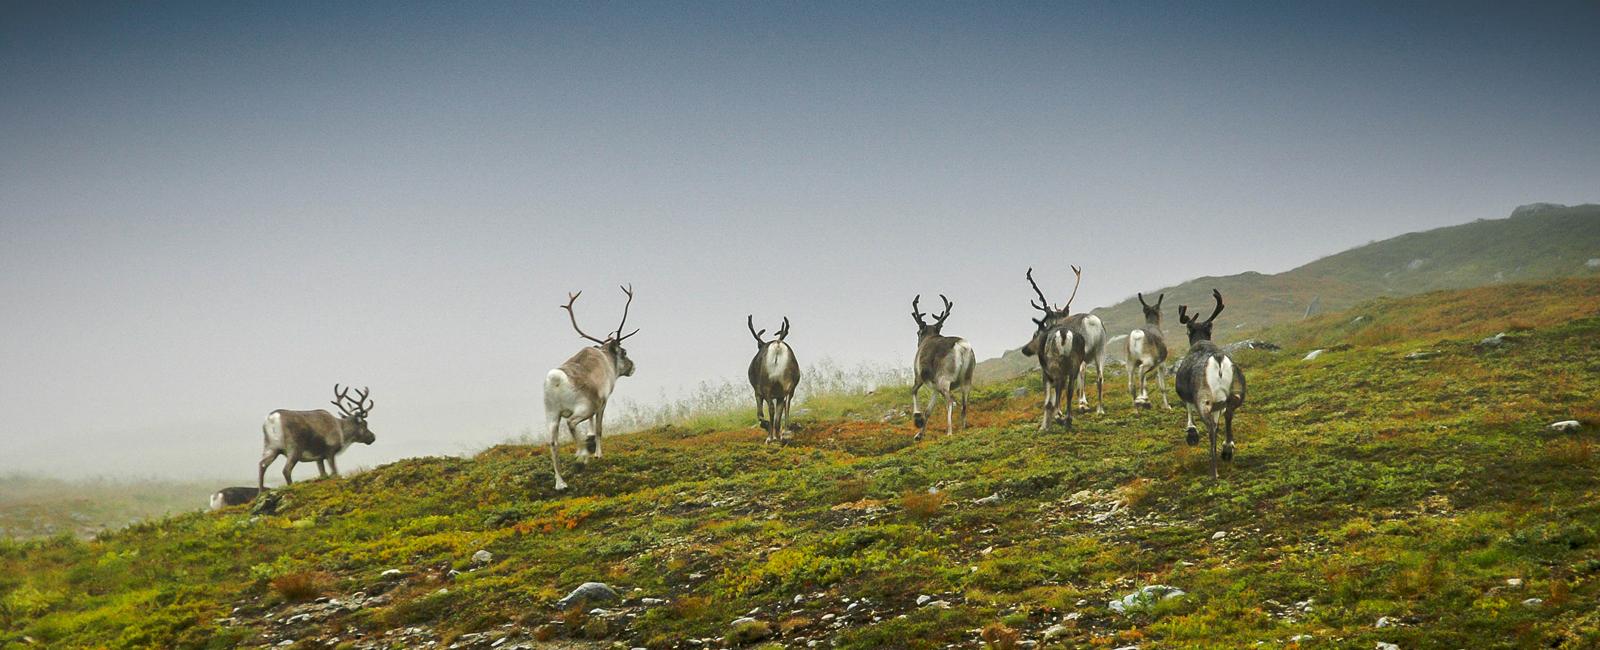 Rein på Snåsafjellet Foto Olgeir Haug